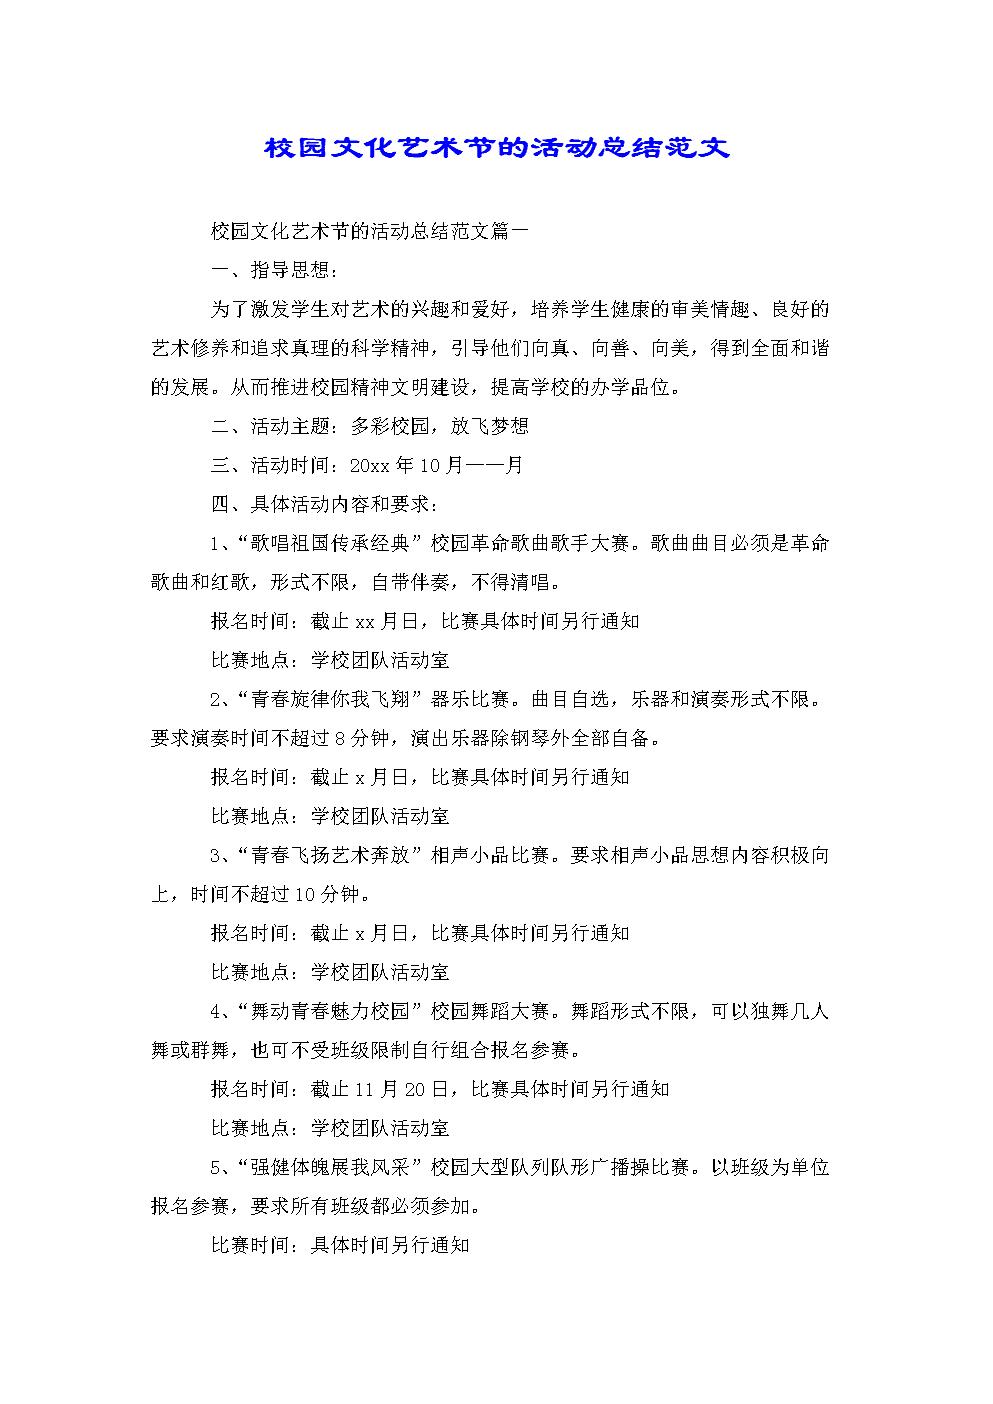 校园文化艺术节的活动总结范文.doc